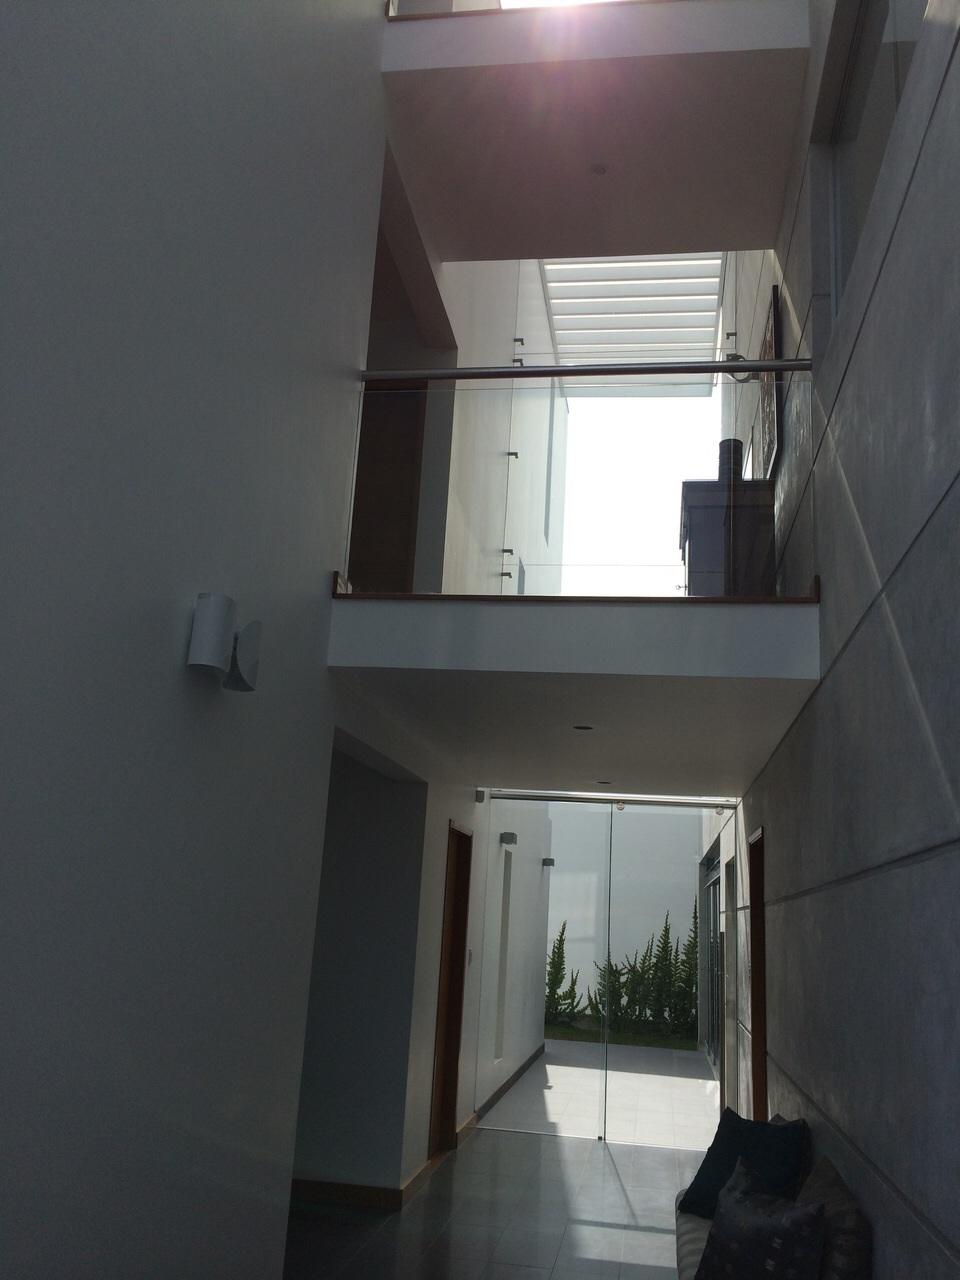 Casa MM en San Isidro lima peru diego del castillo (37).JPG